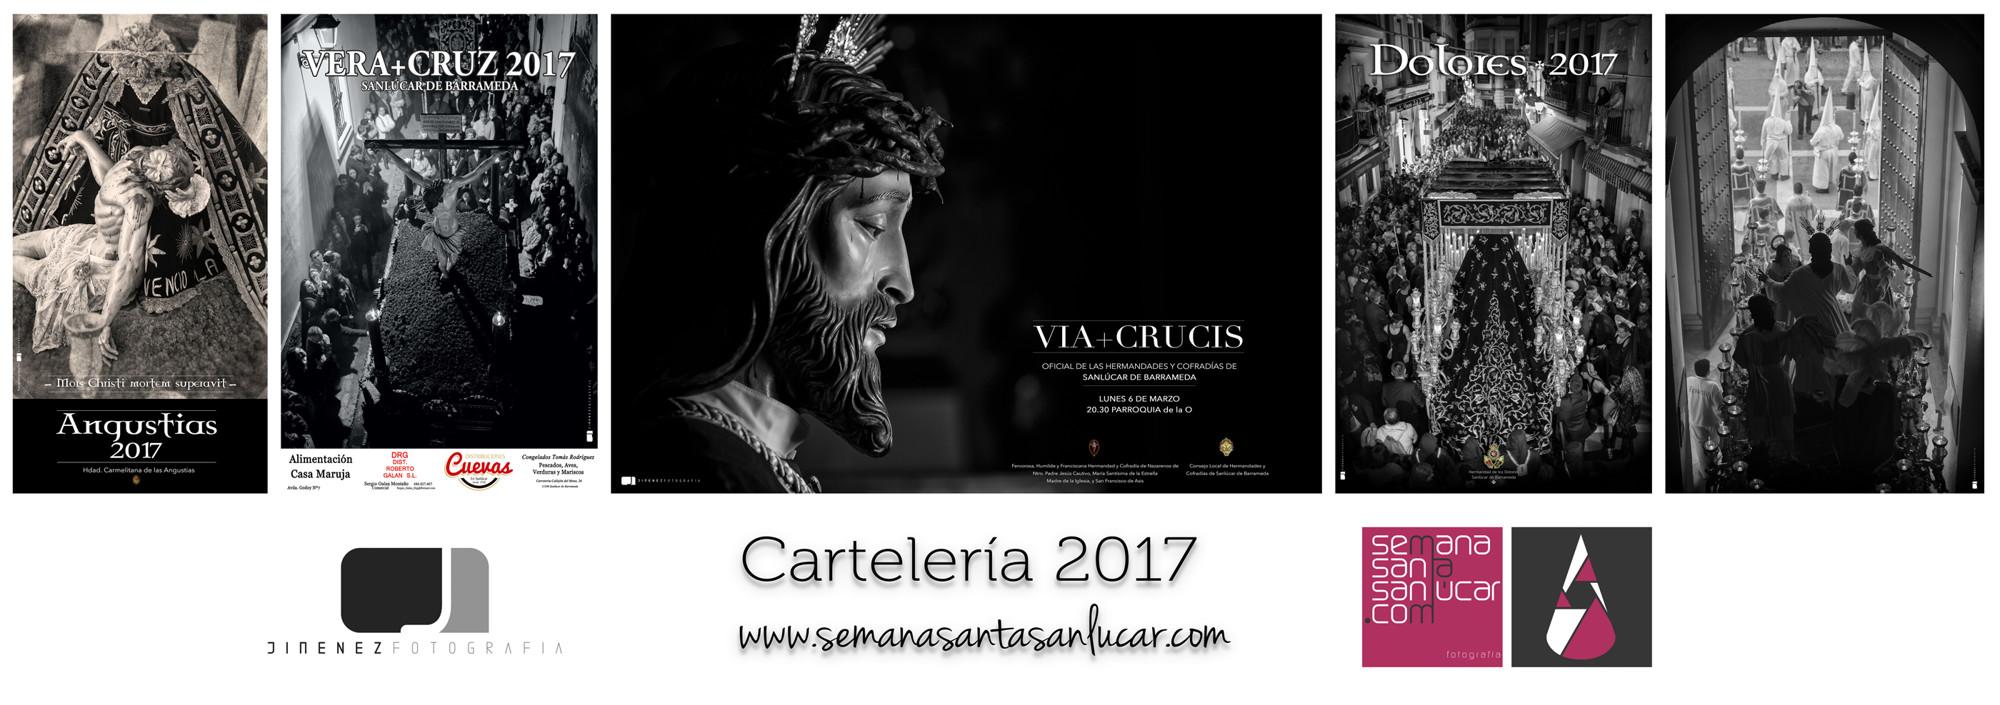 Carteleria 2017